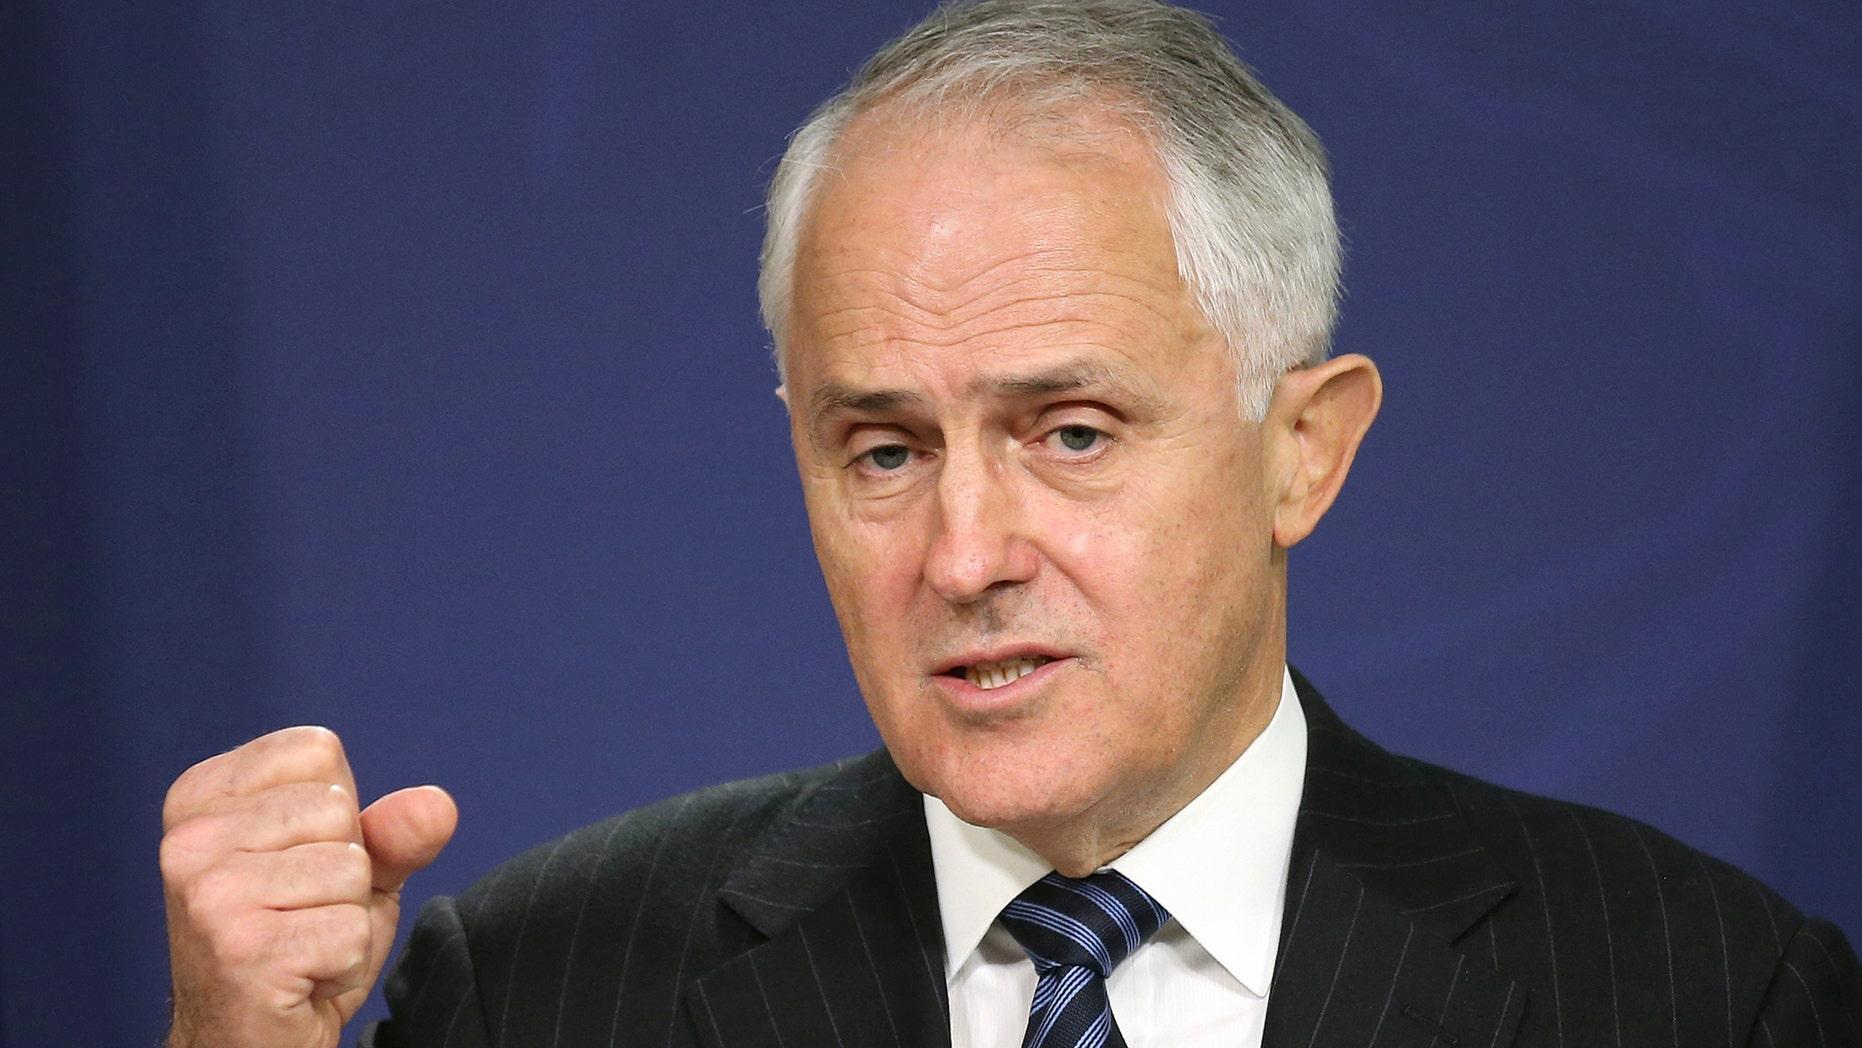 August 10, 2016: Australian Prime Minister Malcolm Turnbull speaks in Sydney.